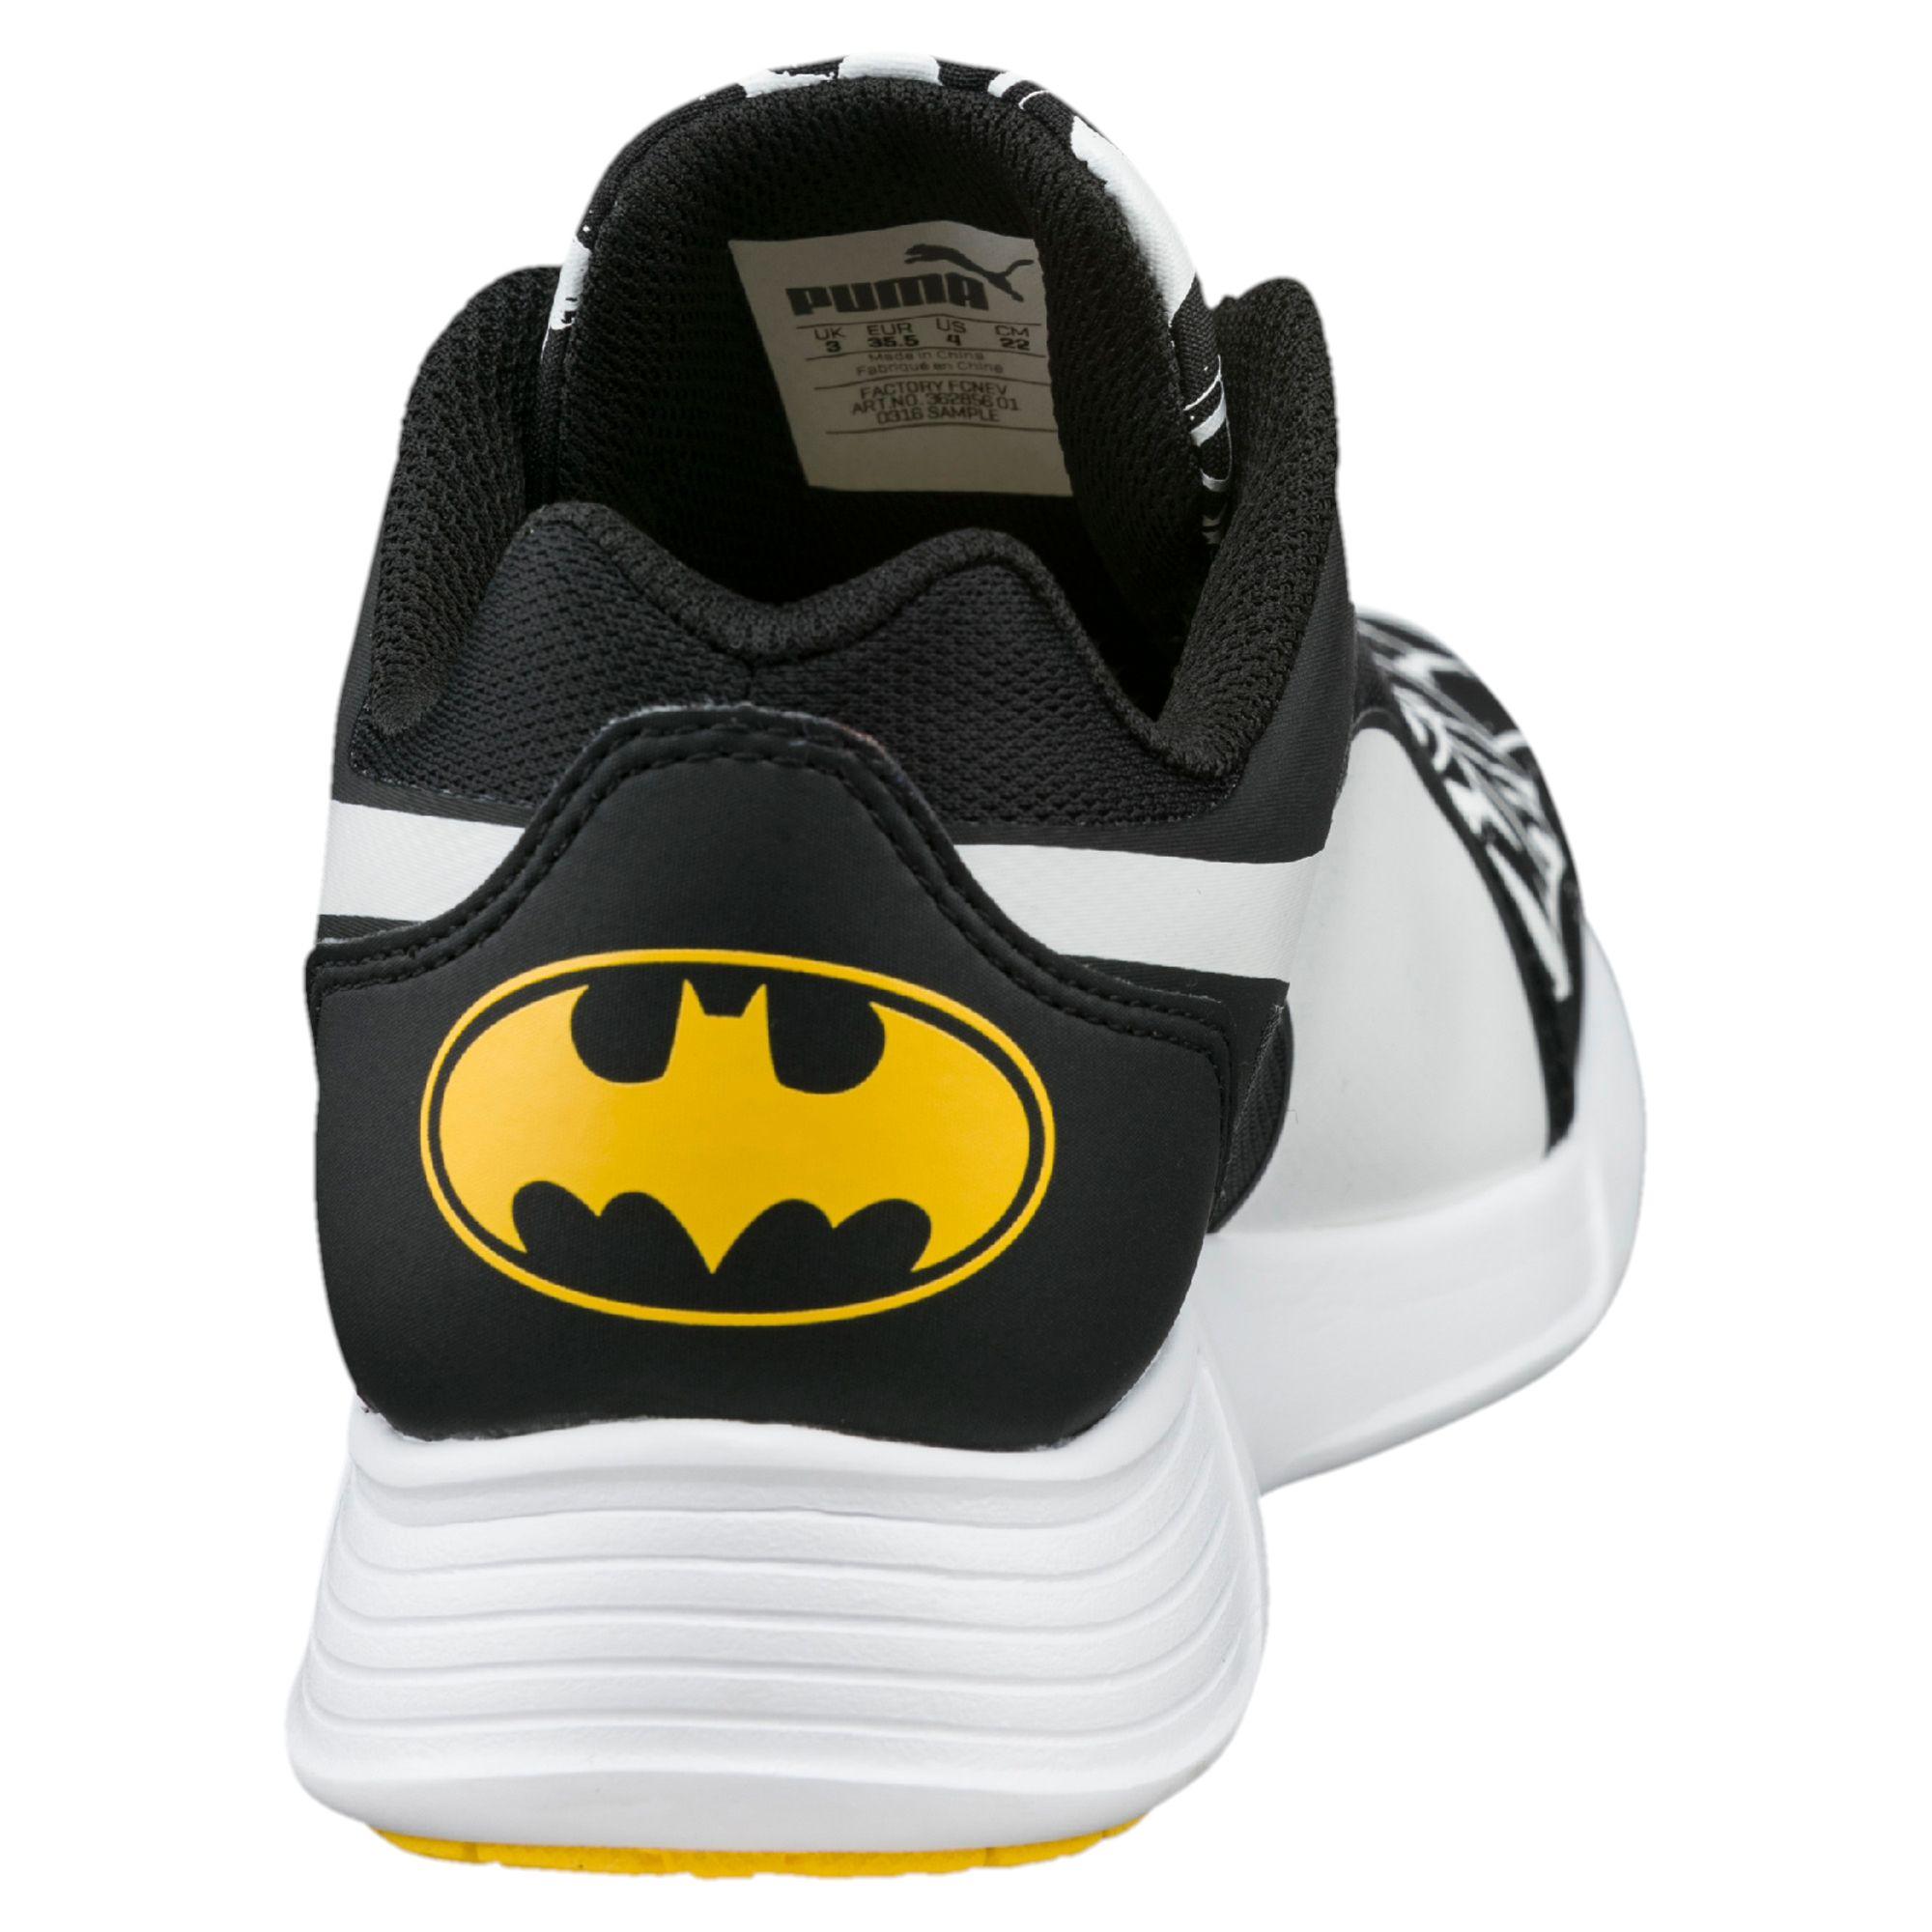 75fb6aa4946 PUMA ST Trainer Evo Batman® Street Kids  Trainers Kids Low Boot ...